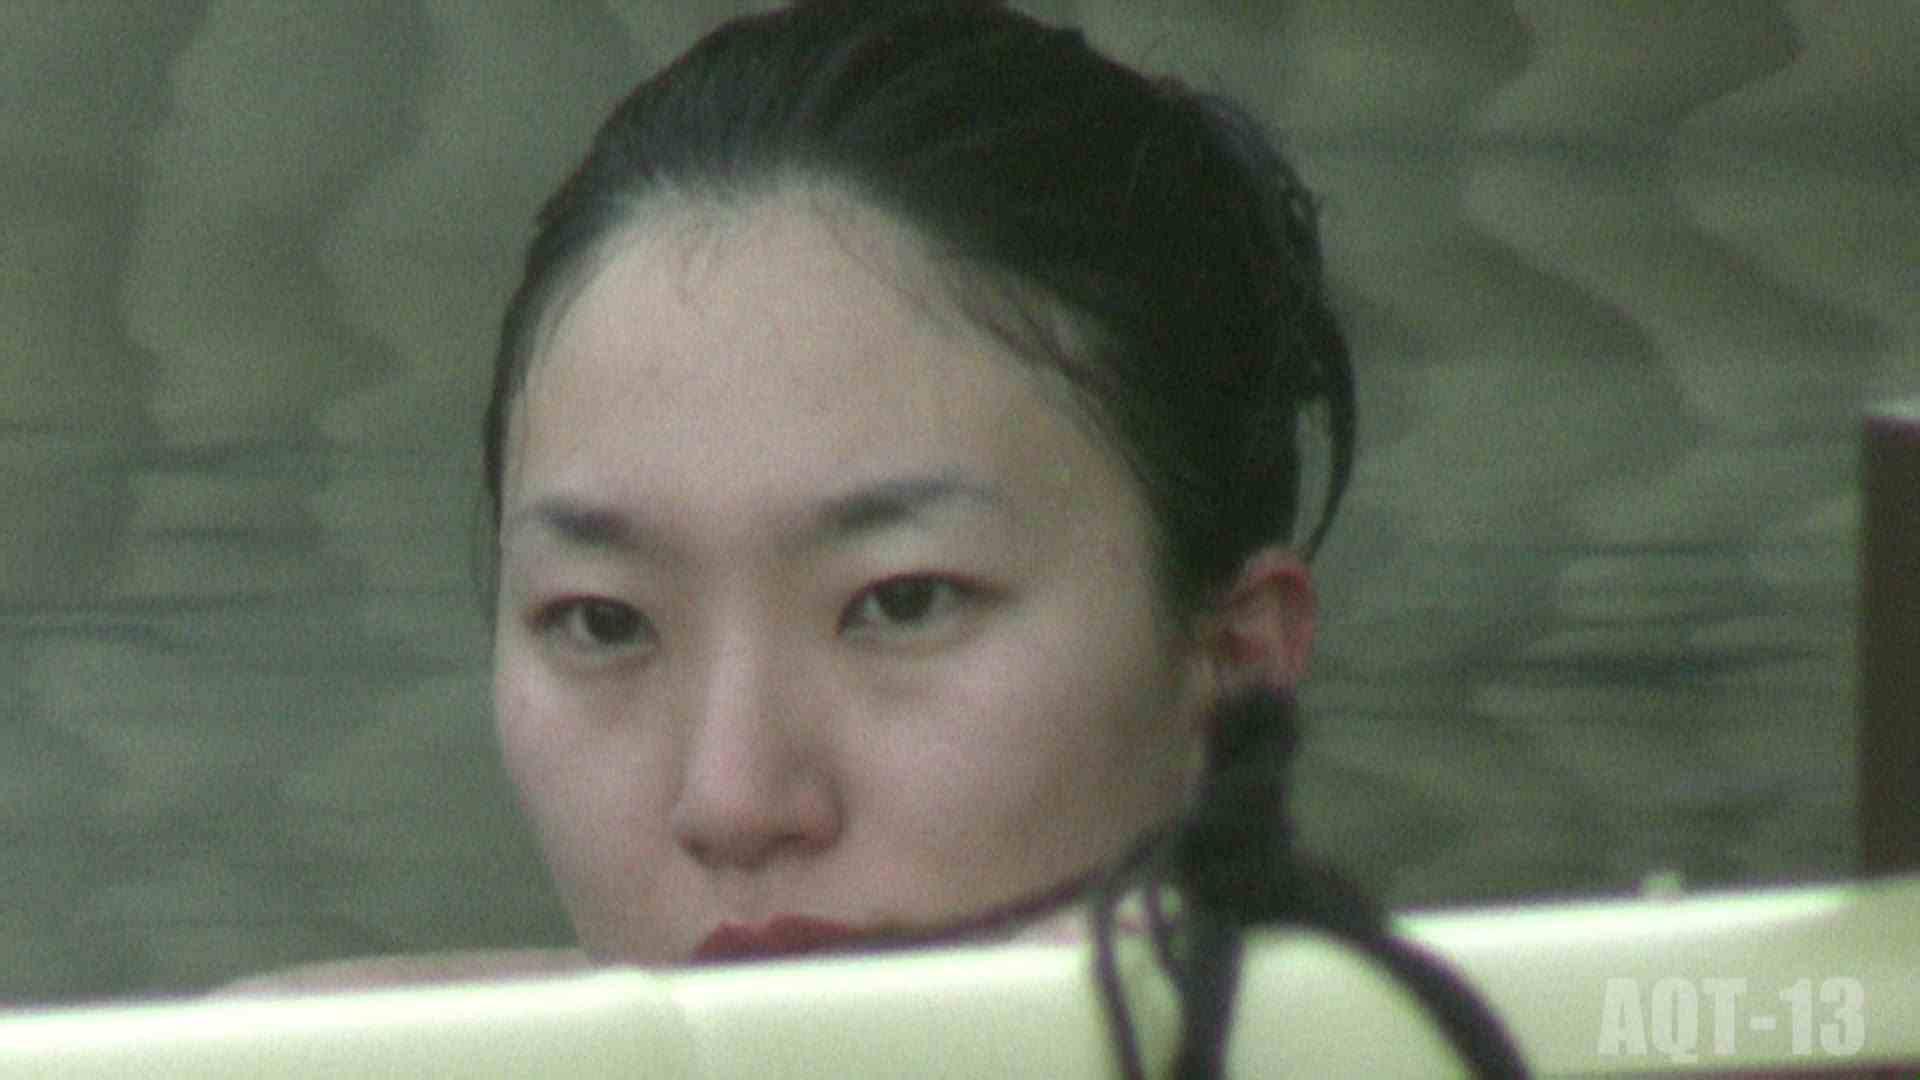 Aquaな露天風呂Vol.818 盗撮 オメコ動画キャプチャ 88画像 65